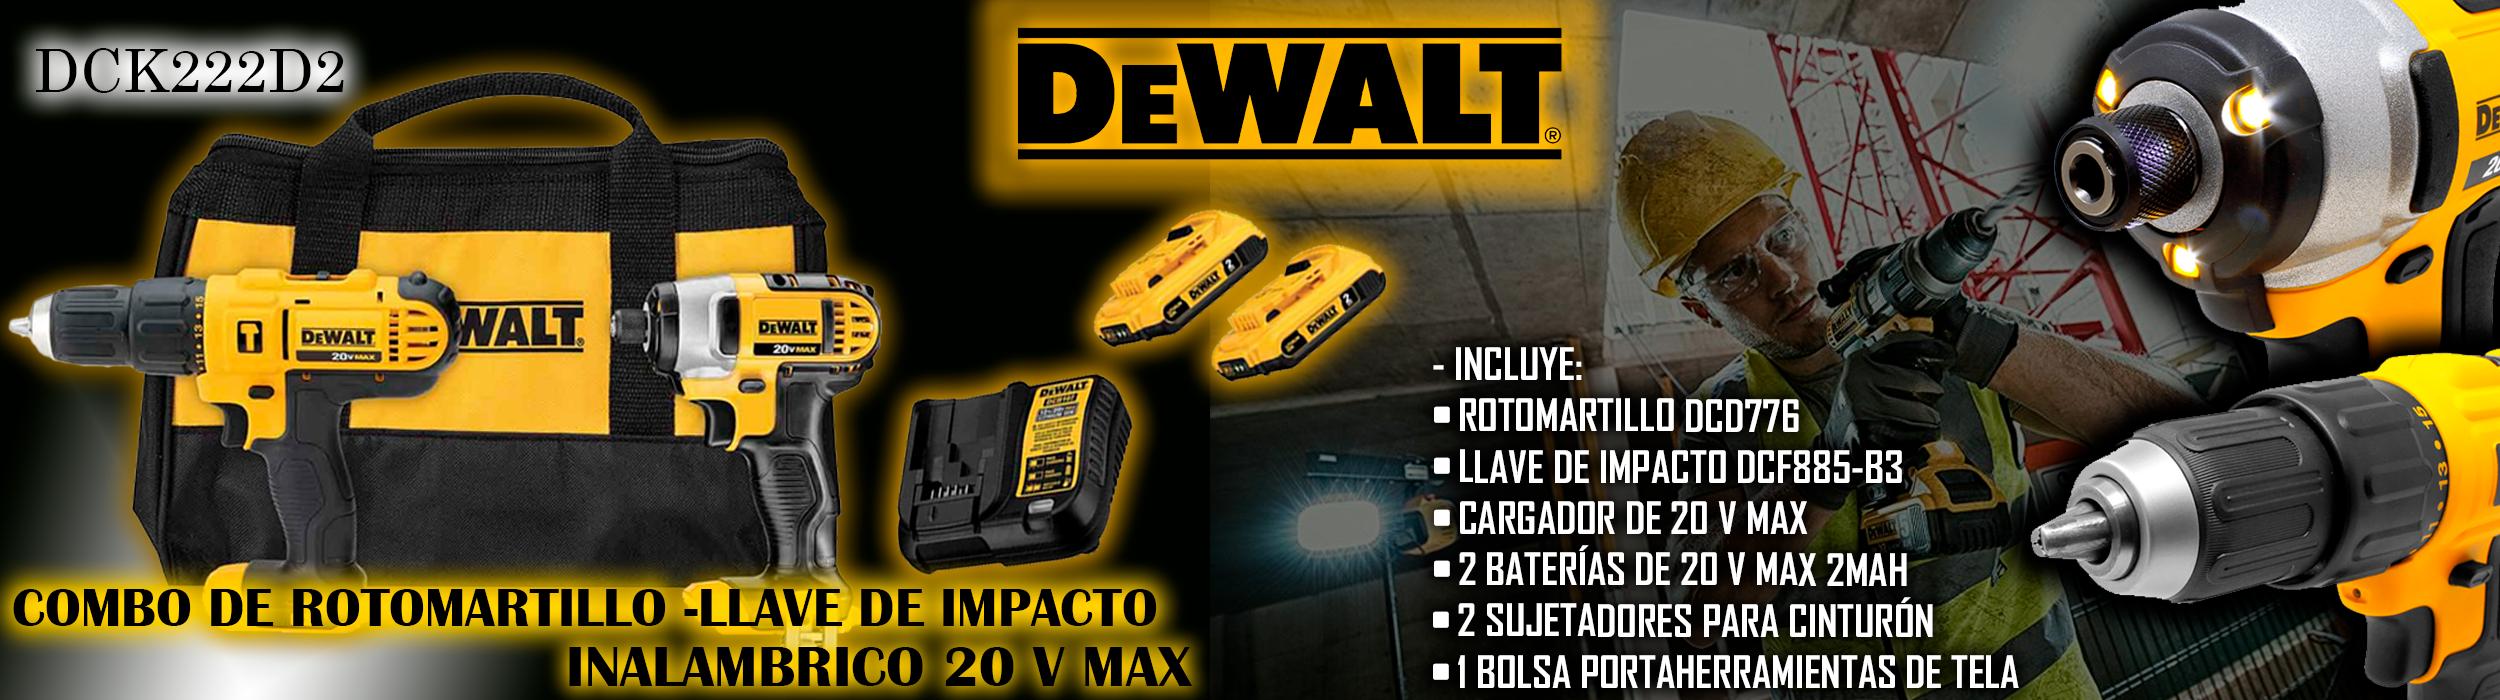 dwalt22